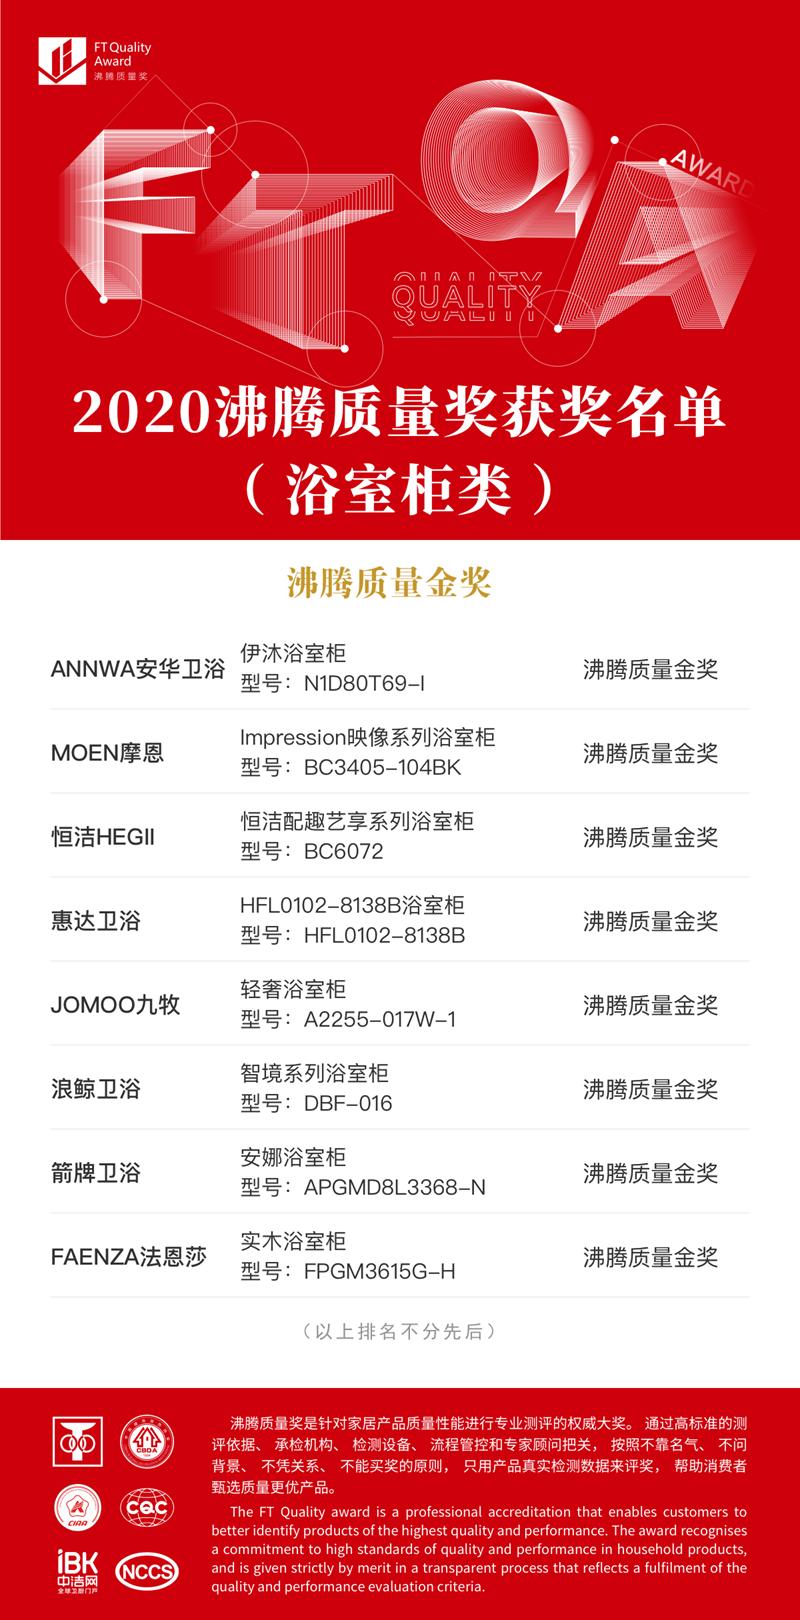 7 沸腾质量奖-浴室柜-金奖_副本.png